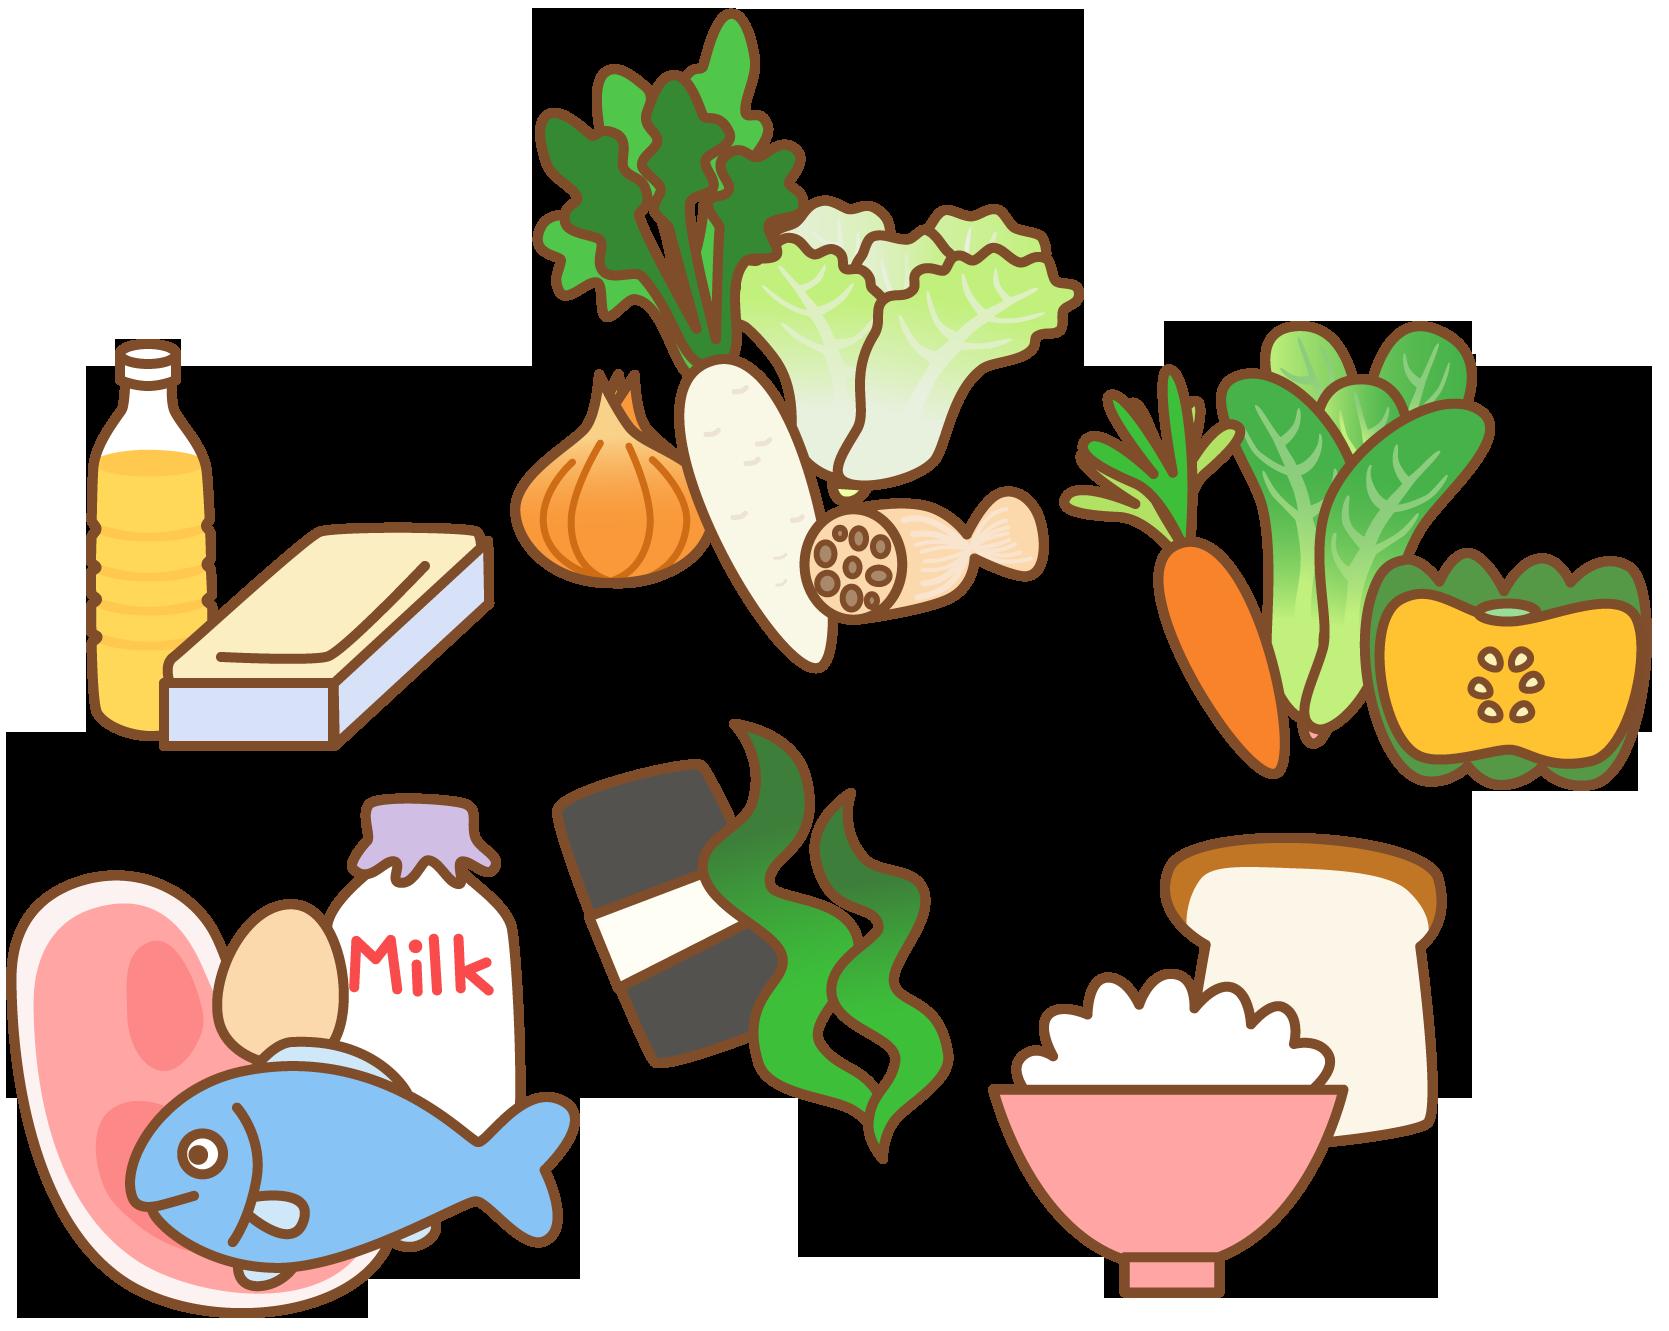 ダイエットで何を食べるべきかがわかる!三大栄養素の役割をやさしく解説